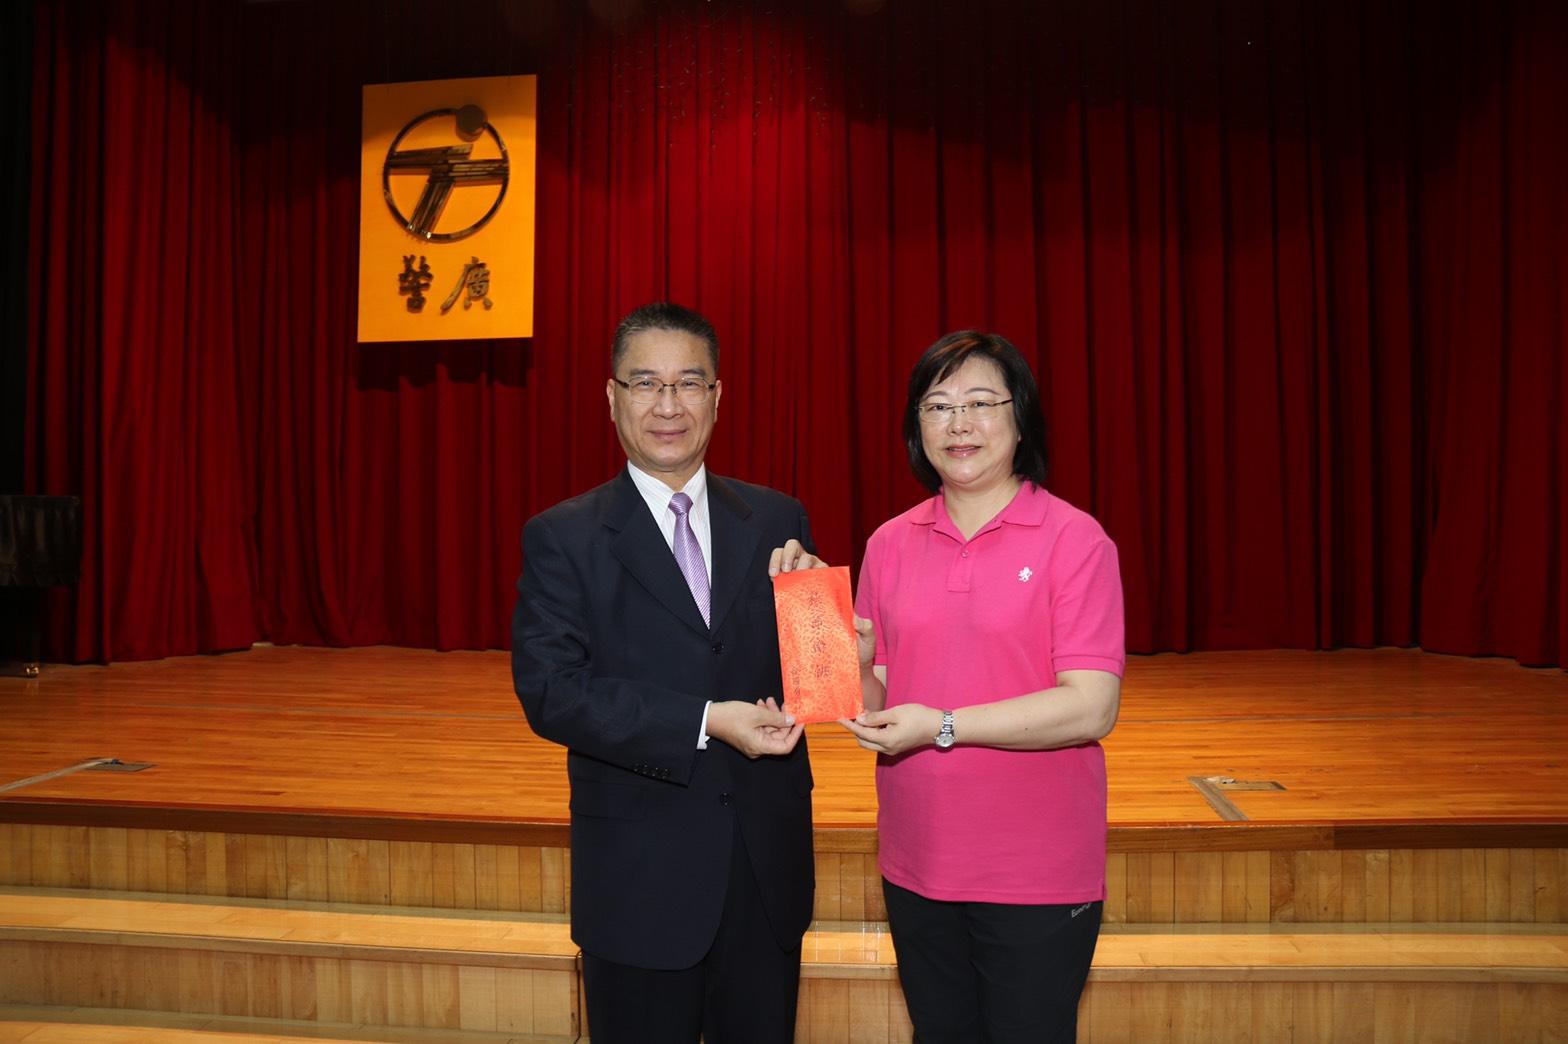 內政部長徐國勇(左)肯定警廣在臺長宣介慈(右)的帶領下,製作優質節目